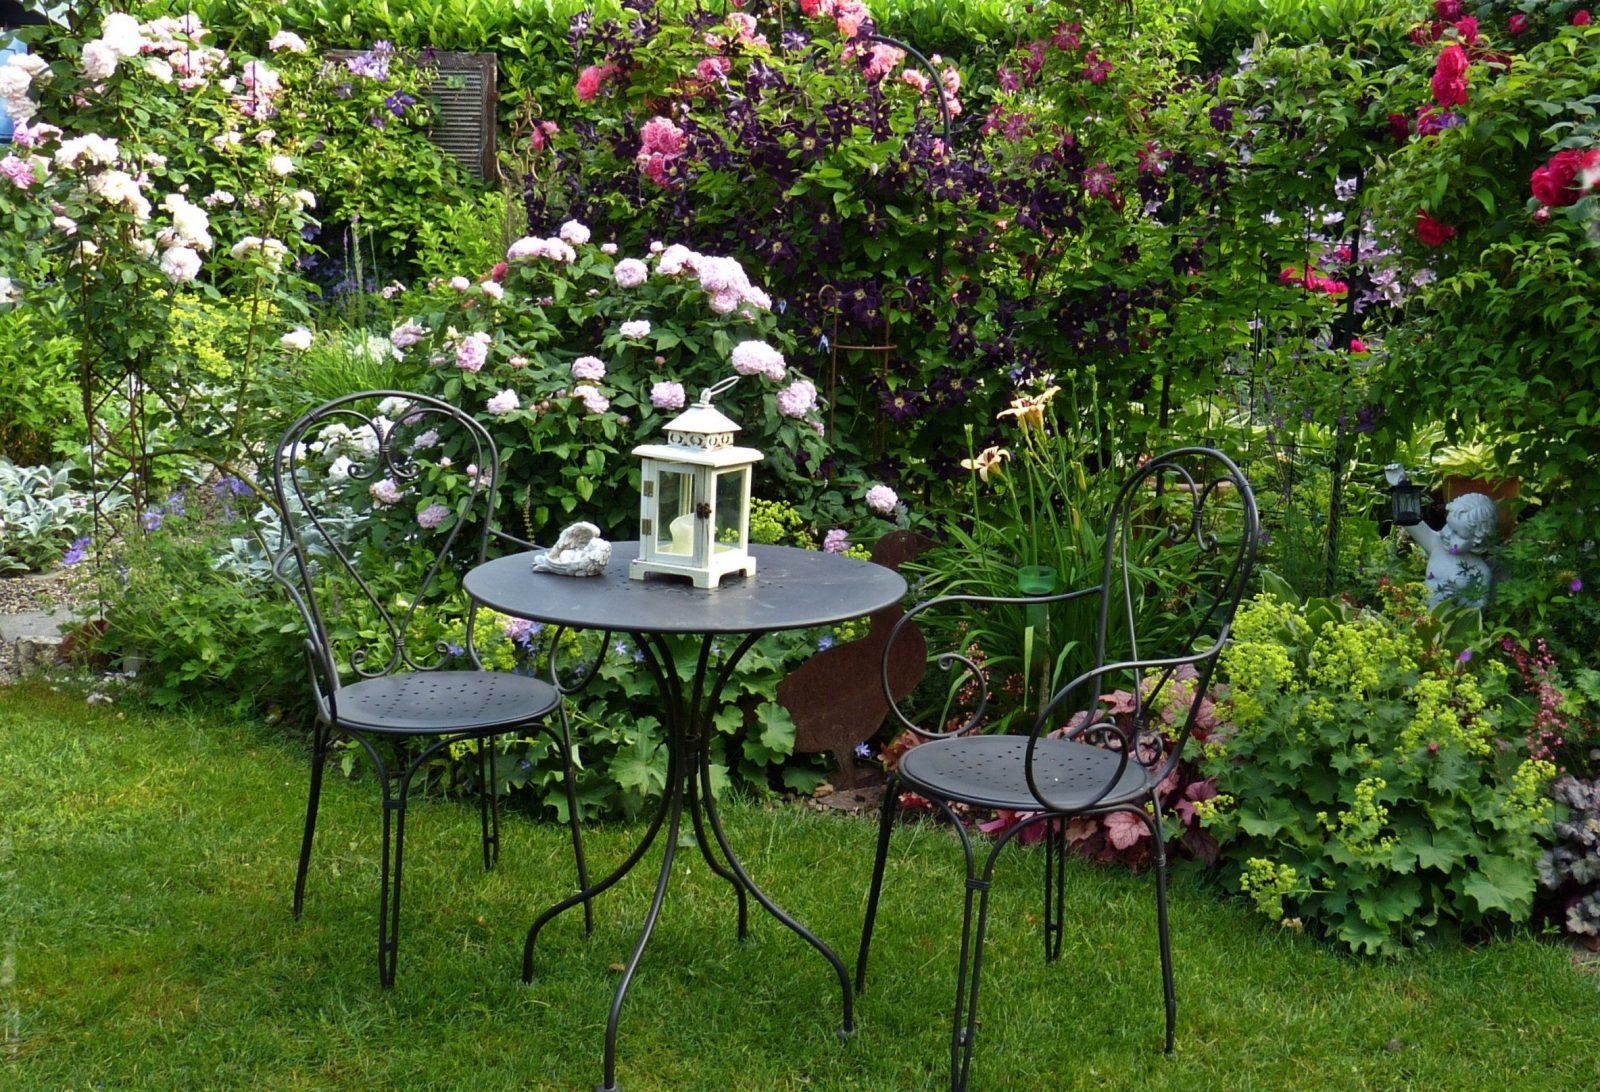 Kleiner Garten Unzählige Gestaltungsmöglichkeiten von Gartengestaltung Bilder Kleiner Garten Photo